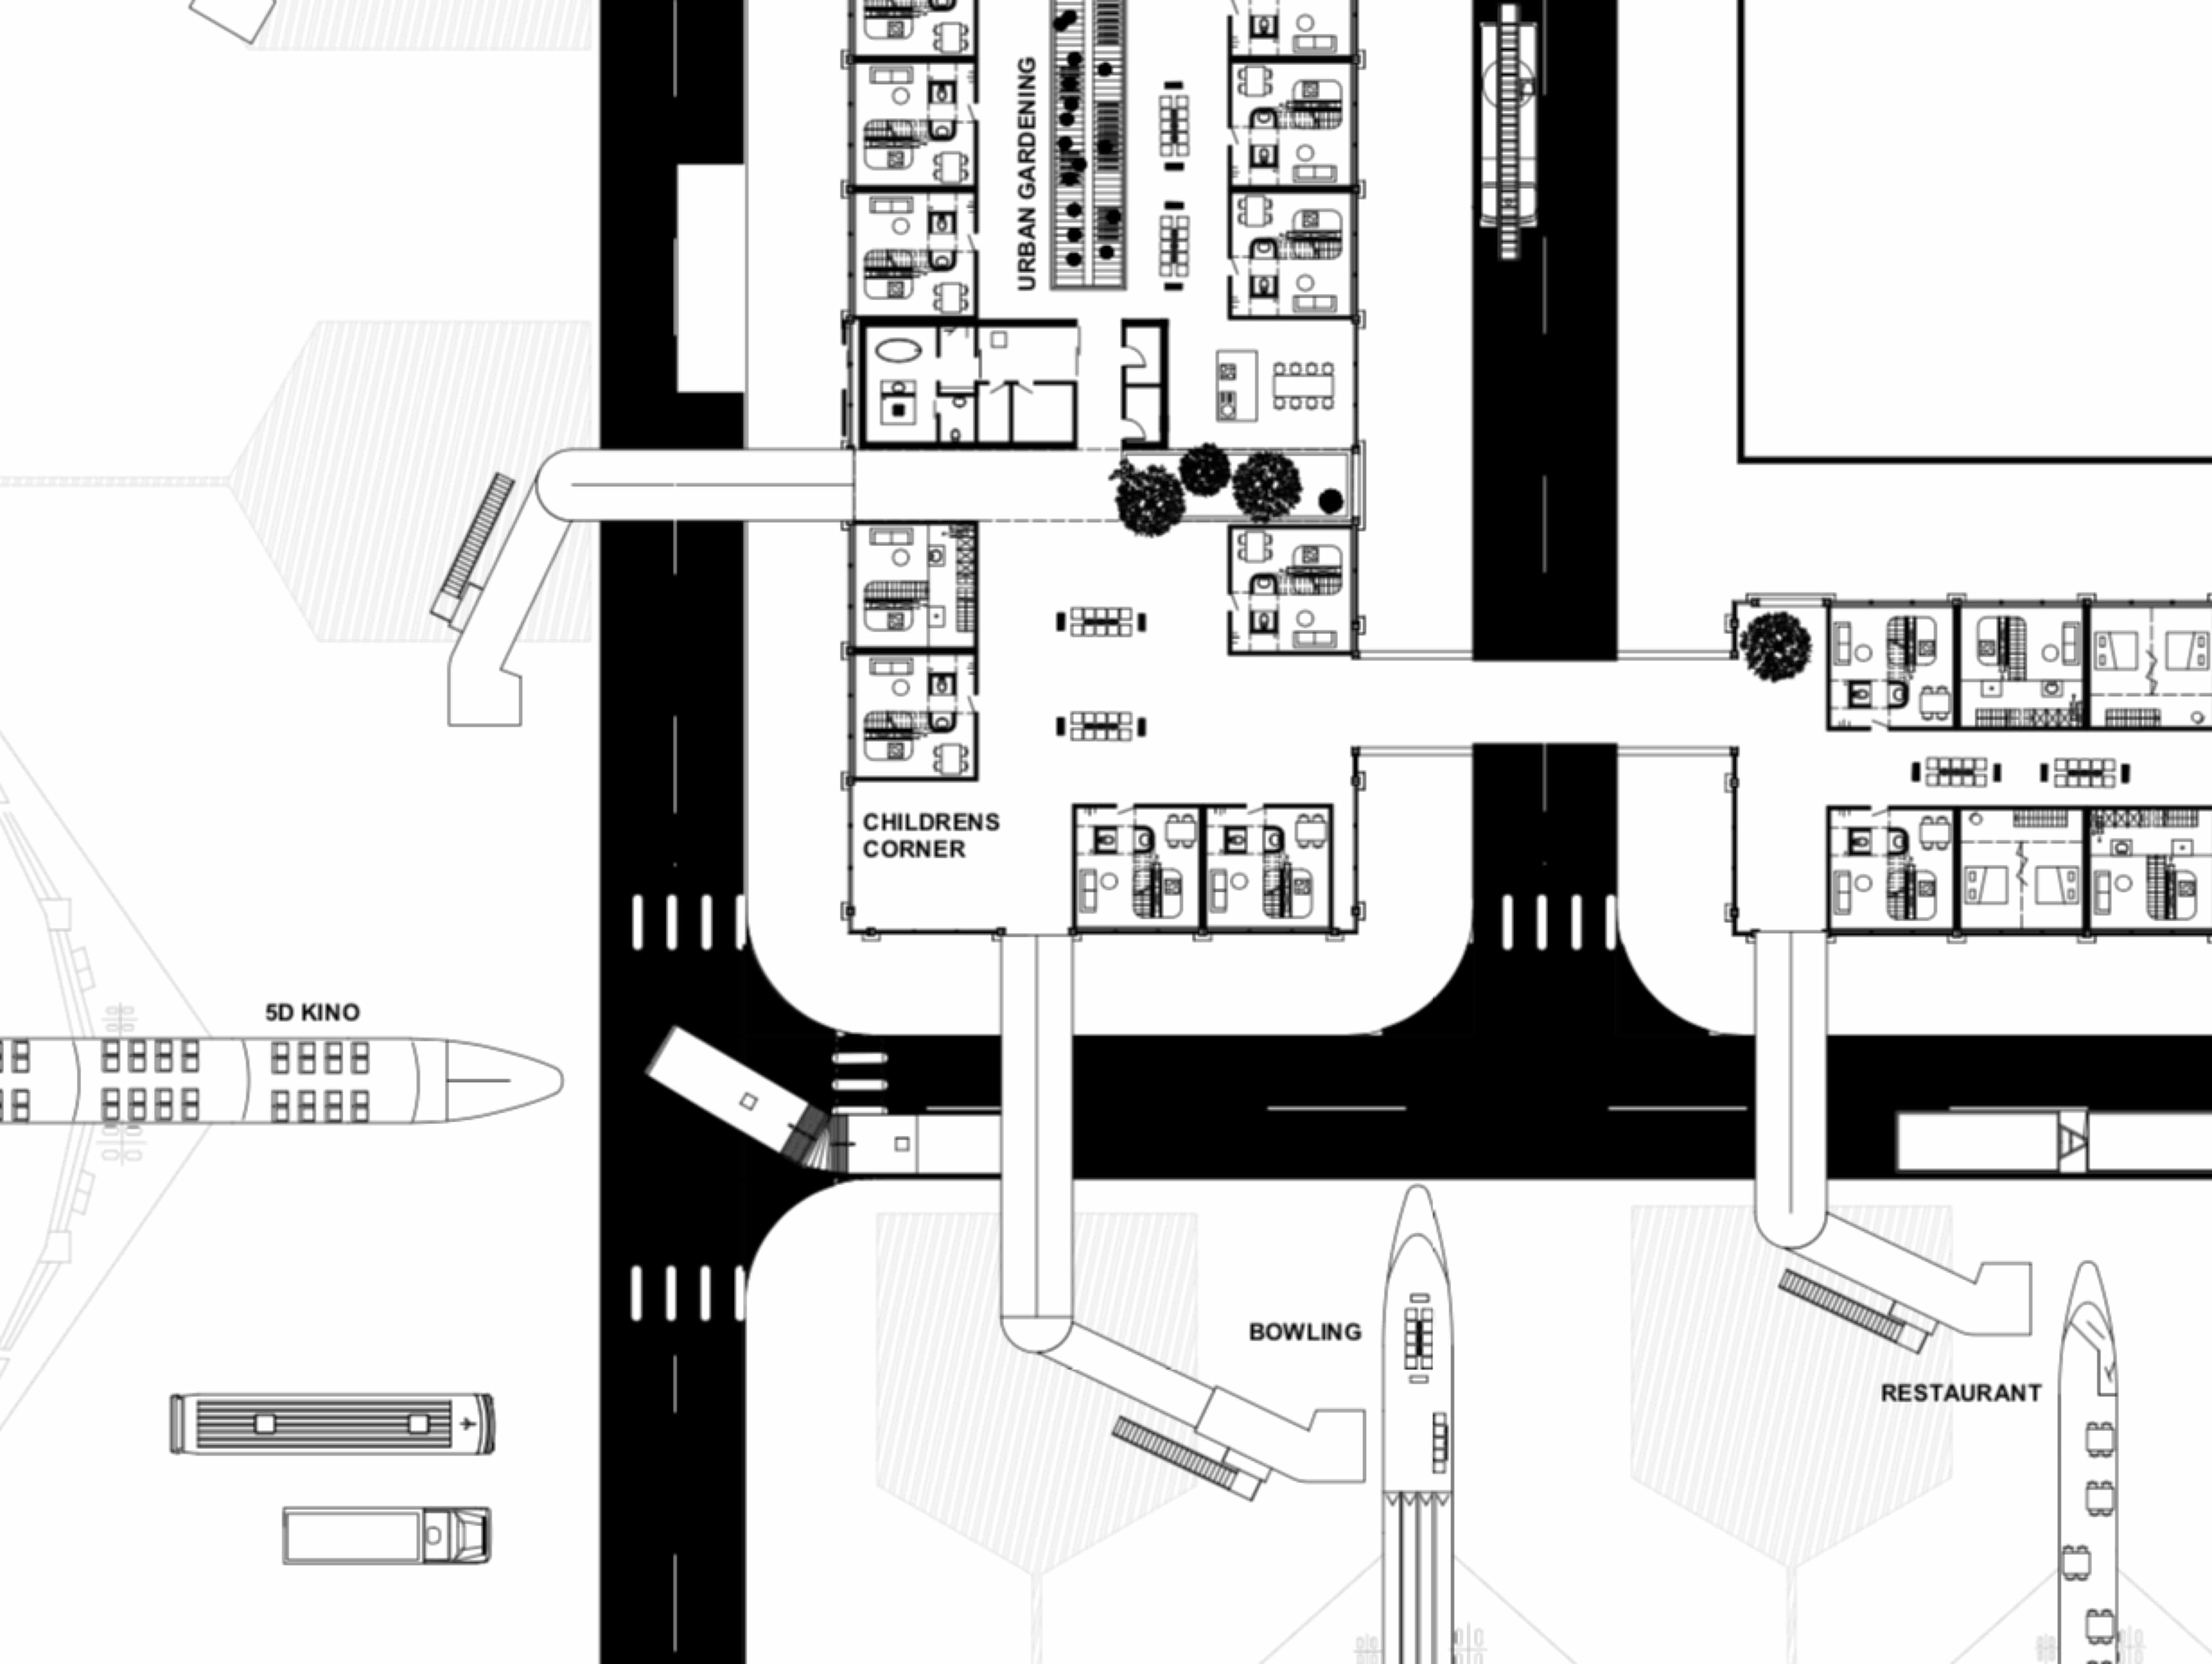 Flughafen BER Kino Restaurant Kegelbahn